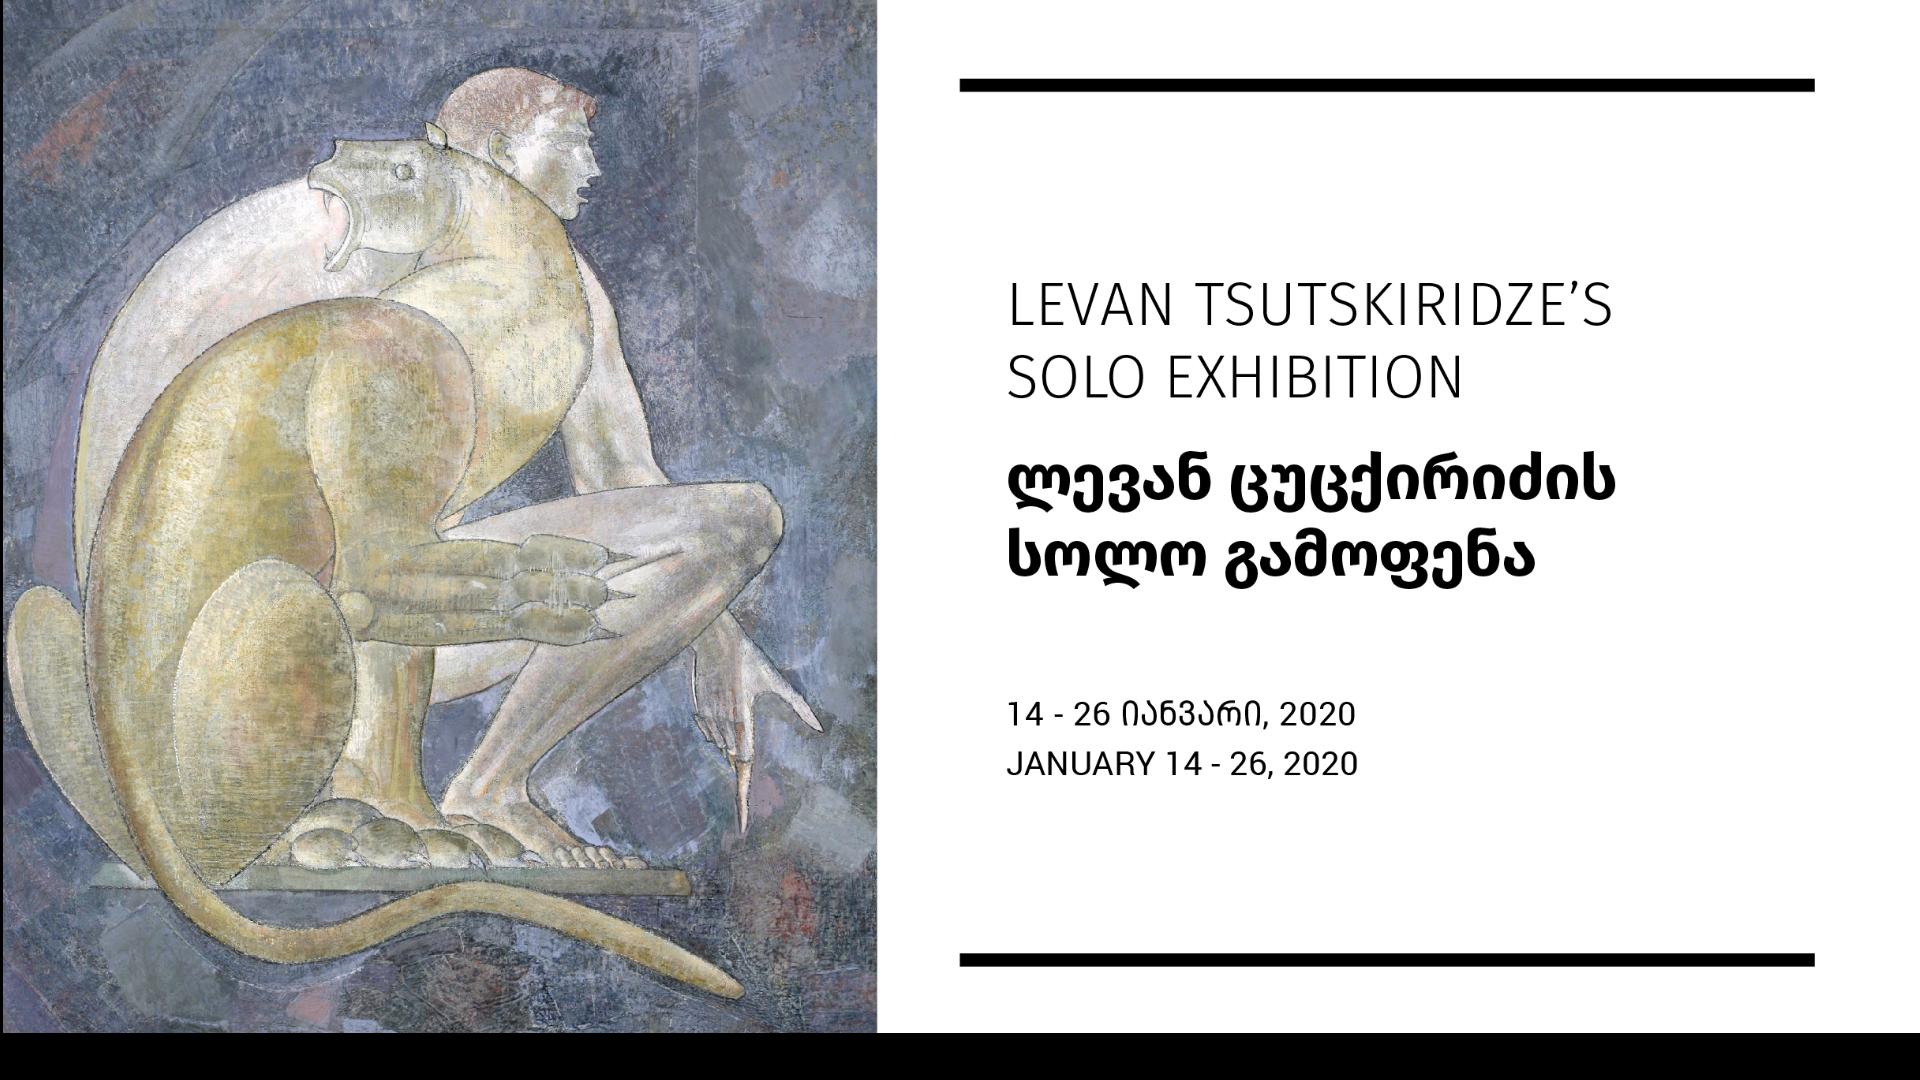 ლევან ცუცქირიძის სოლო გამოფენა - Levan Tsutskiridze's Solo Exhibition